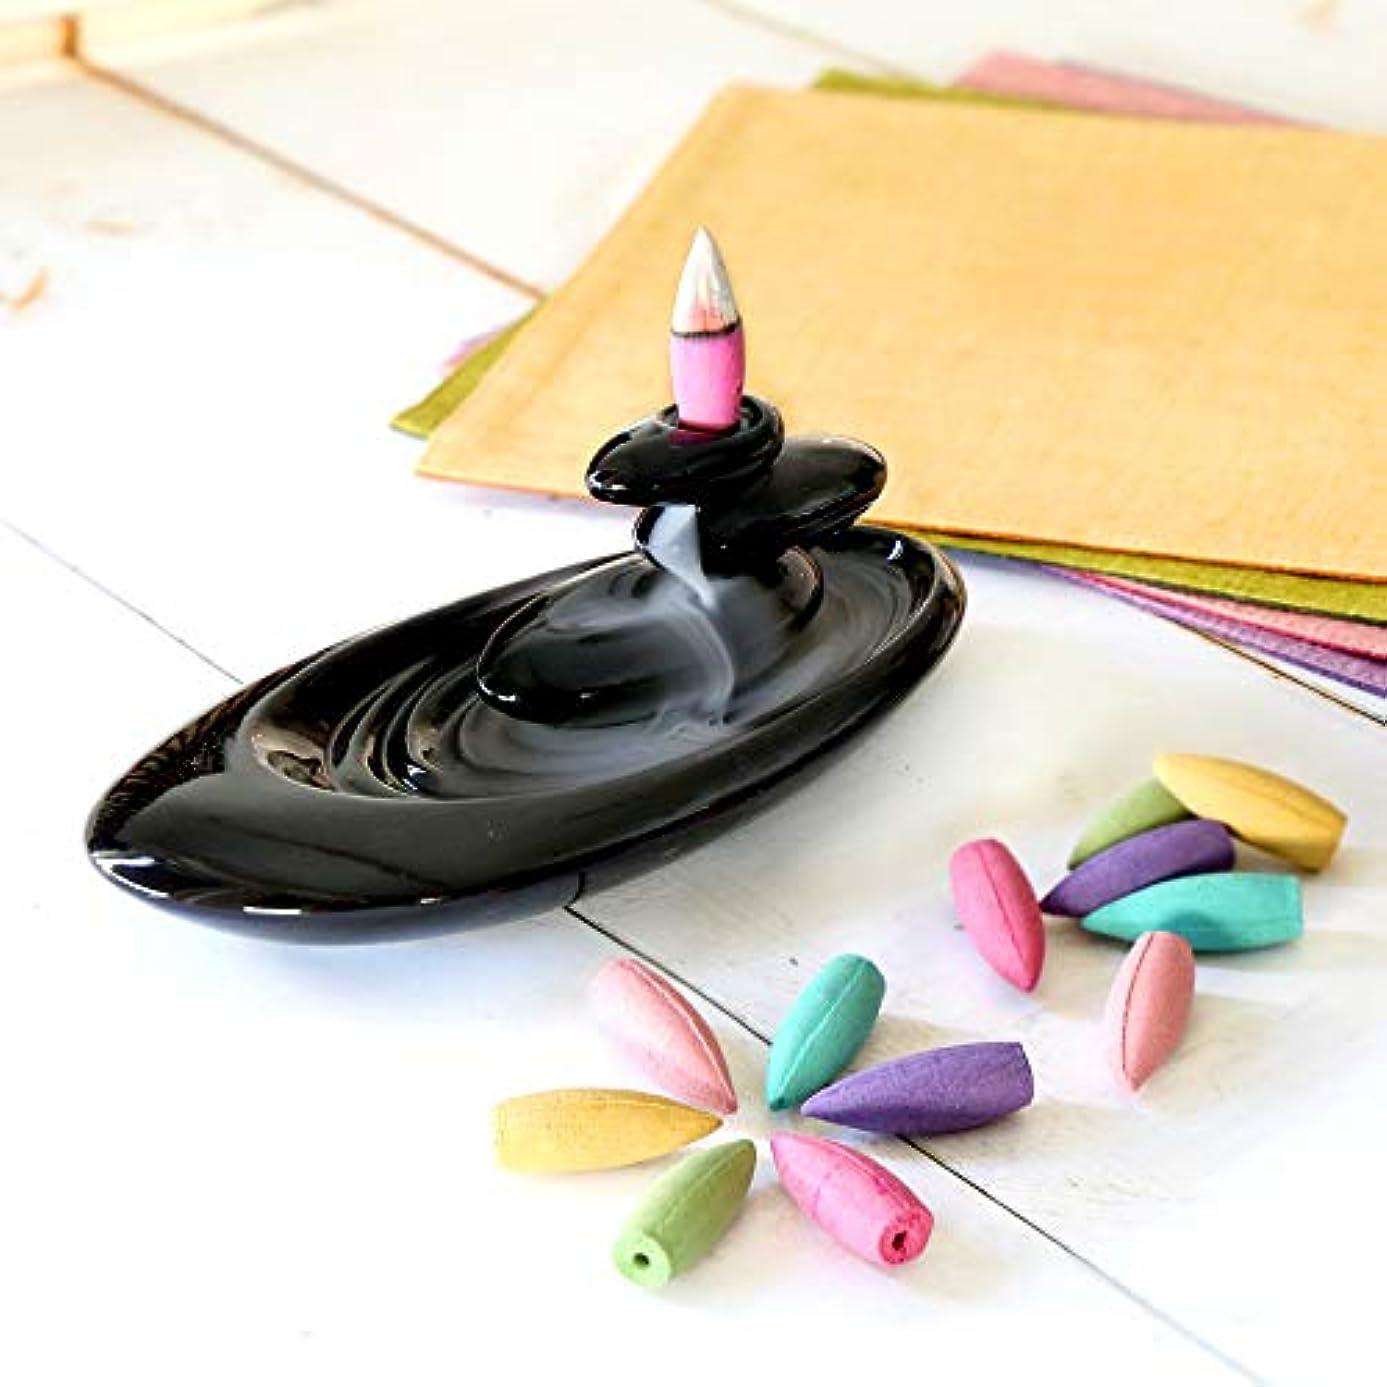 ぬれたマスク父方の倒流香 香炉 シンプル 6種の香り アロマ香炉 ギフトBOX仕様 アロマインセンス 逆流香 誕生日 プレゼント (通常ラッピング)